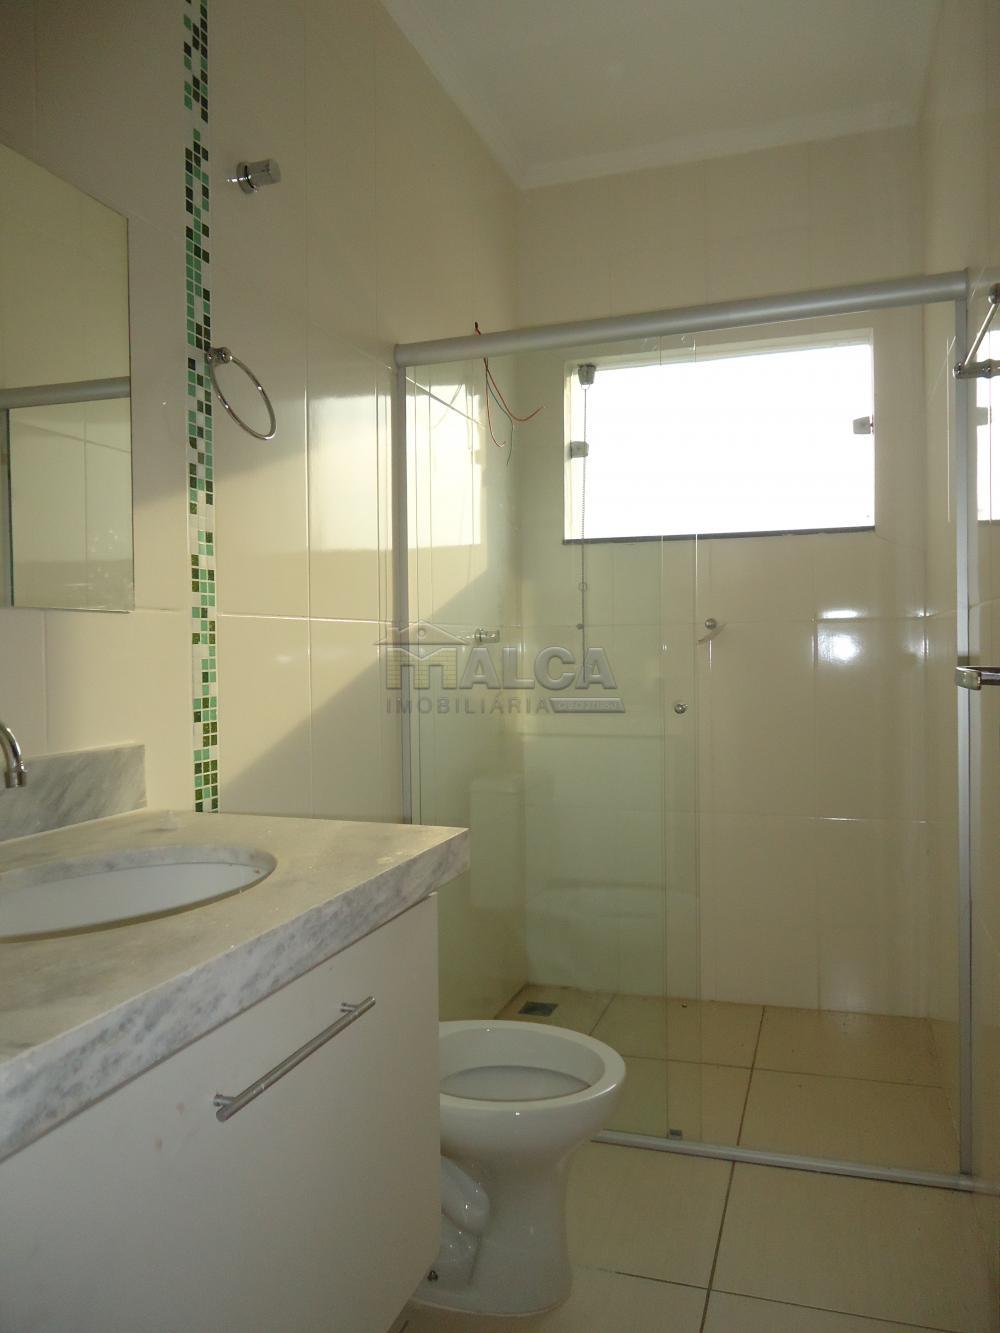 Alugar Apartamentos / Padrão em São José do Rio Pardo R$ 850,00 - Foto 22